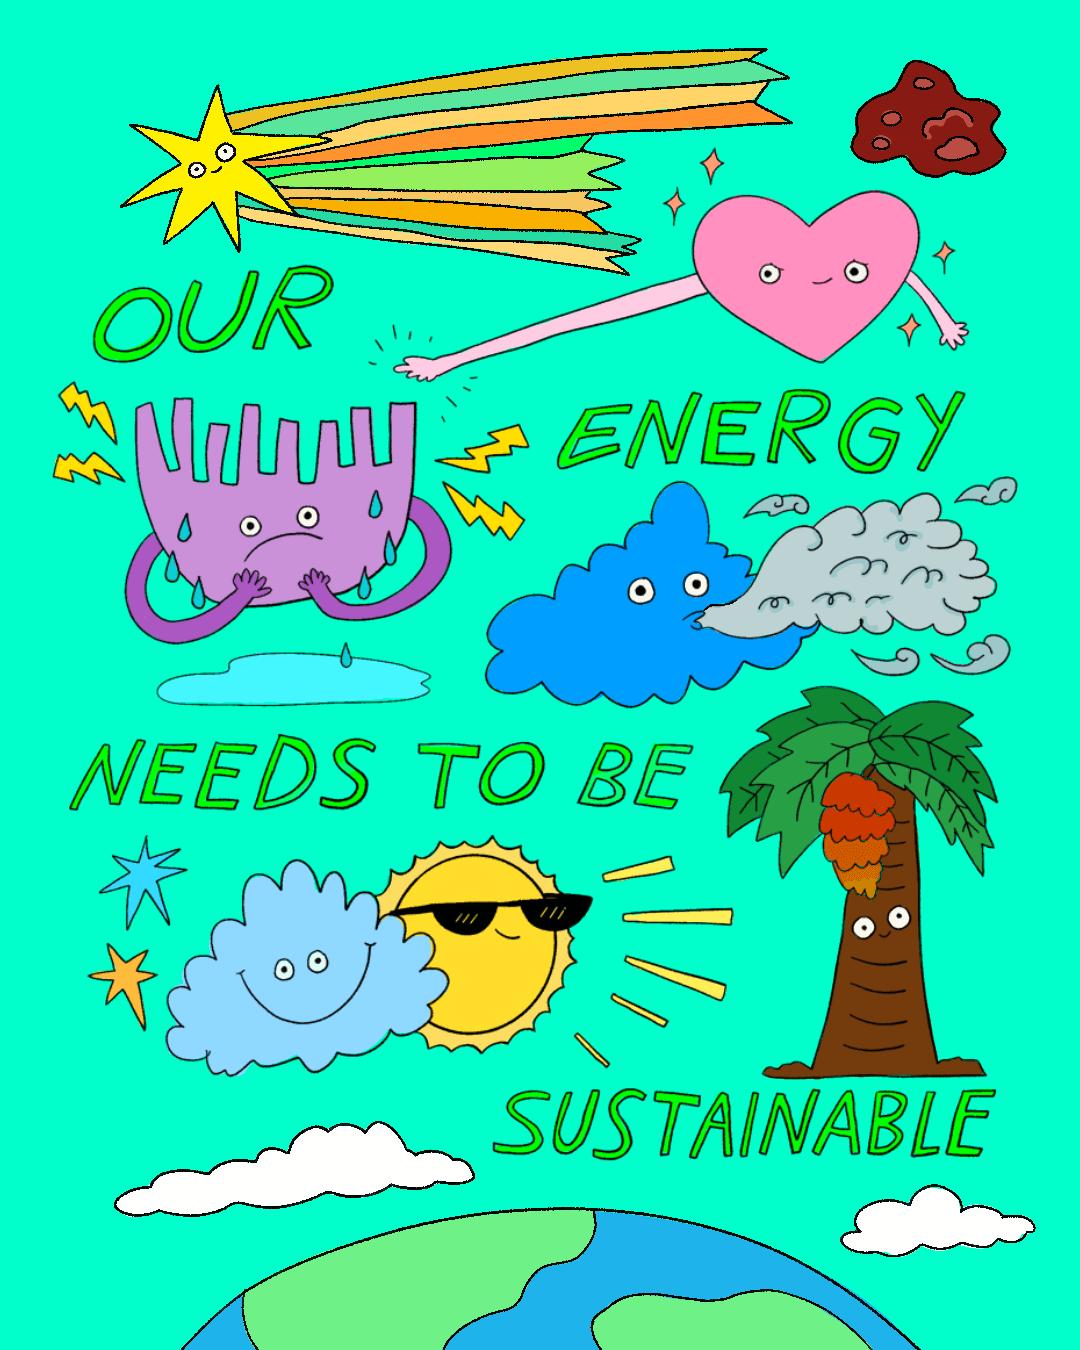 Sustainable Energy main image